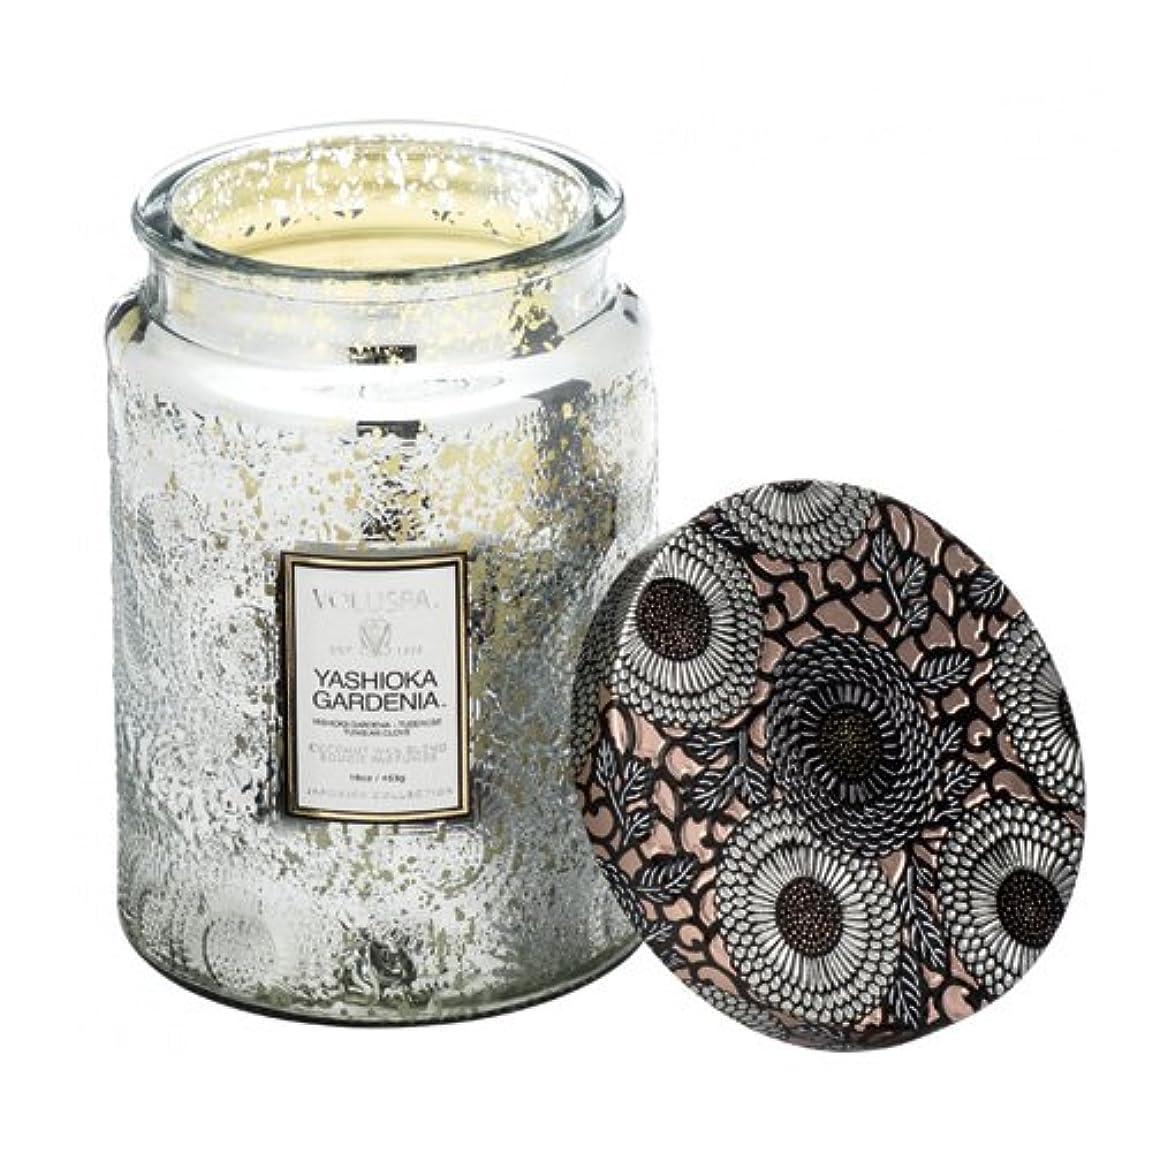 口実誠意ペルーVoluspa ボルスパ ジャポニカ リミテッド グラスジャーキャンドル  L ヤシオカガーデニア YASHIOKA GARDENIA JAPONICA Limited LARGE EMBOSSED Glass jar...